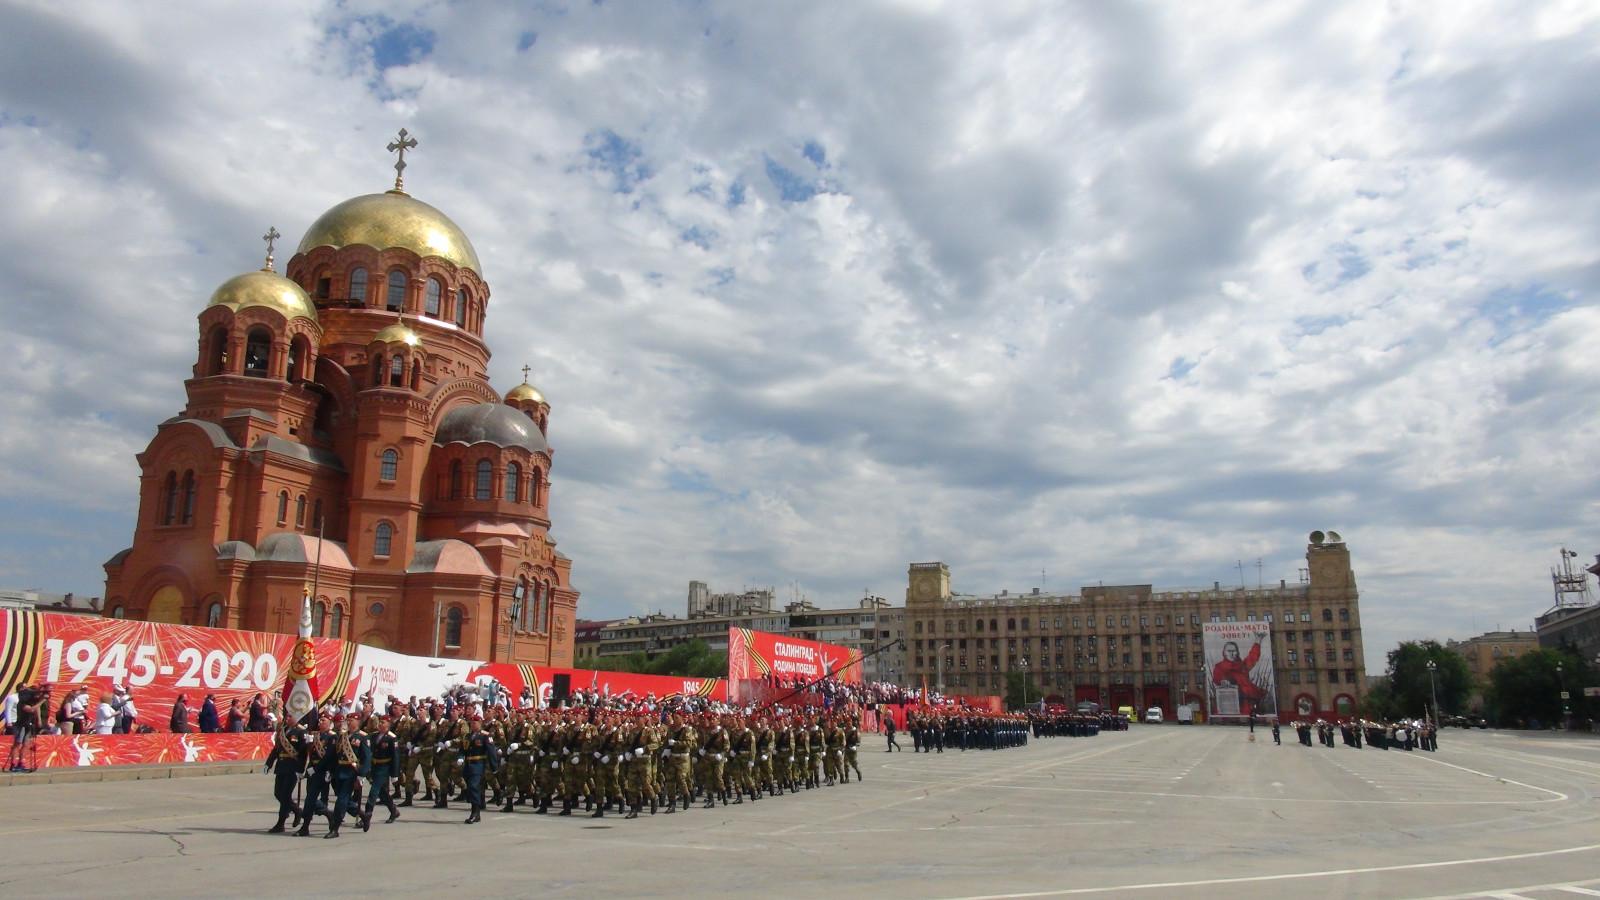 Парад Победы в Сталинграде 24 июня 2020 - парадные расчеты, техника, авиация: видео